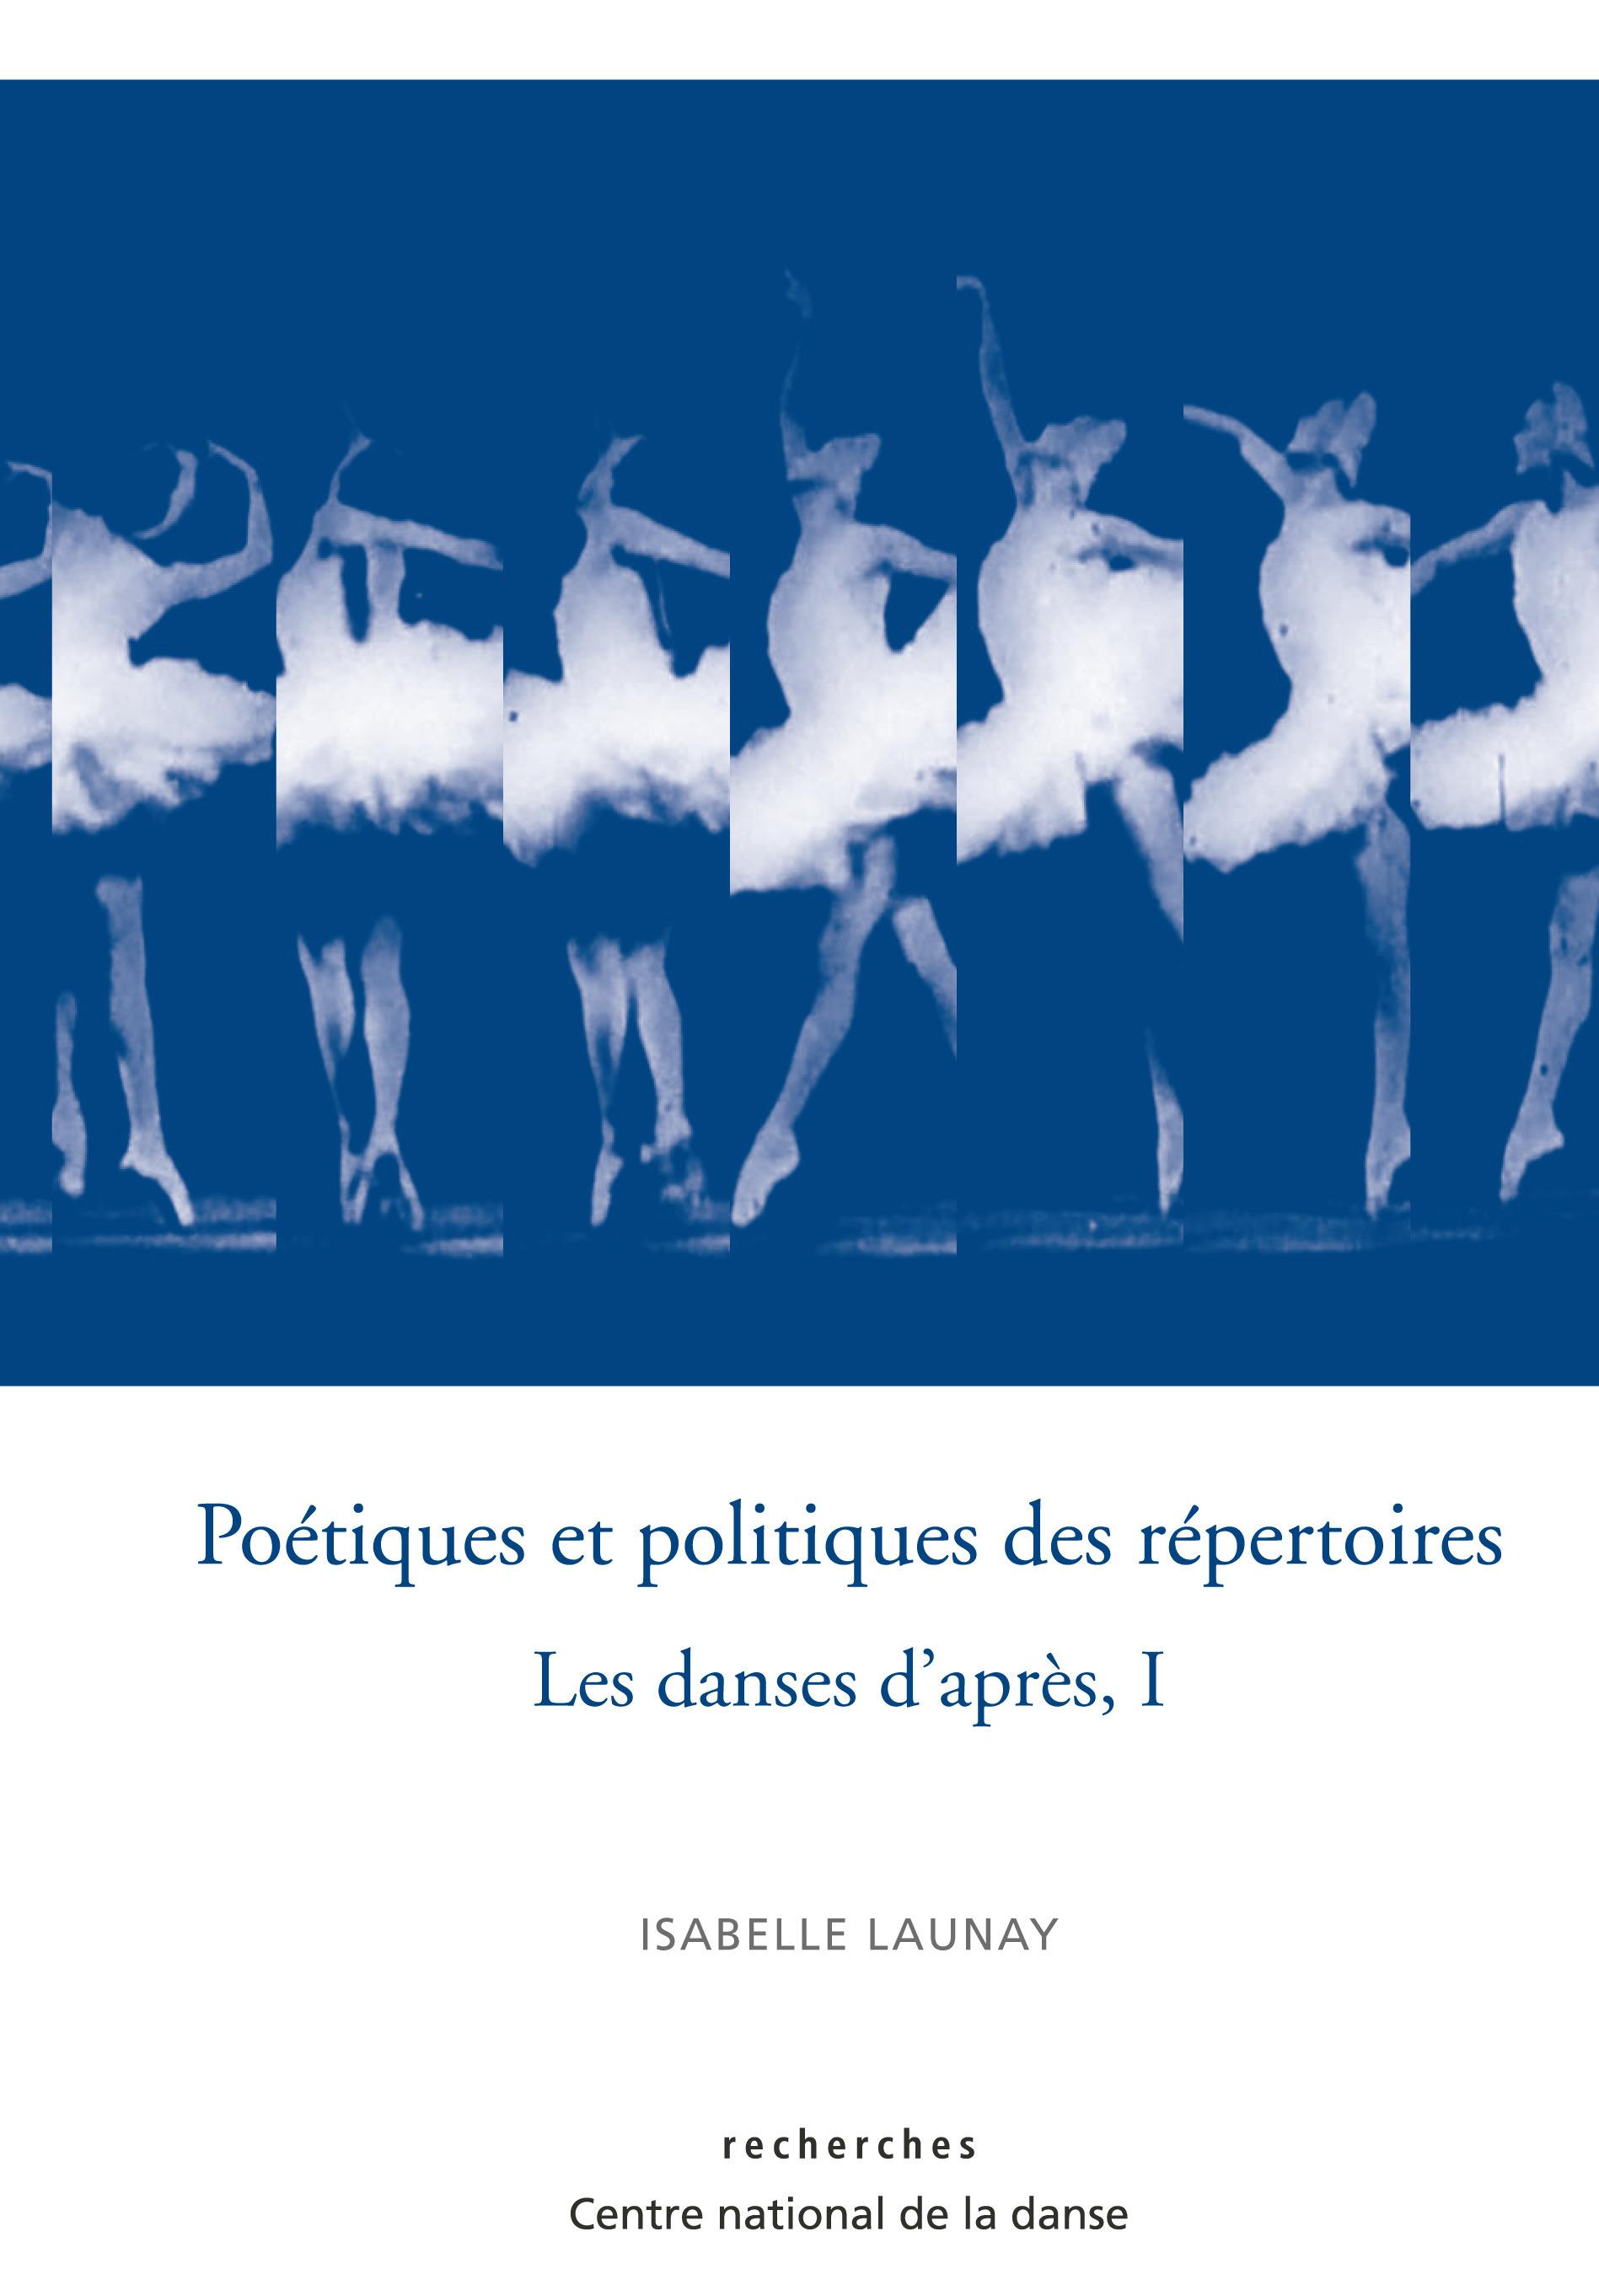 Les danses d'après t.1 ; poétiques et politiques des répertoires